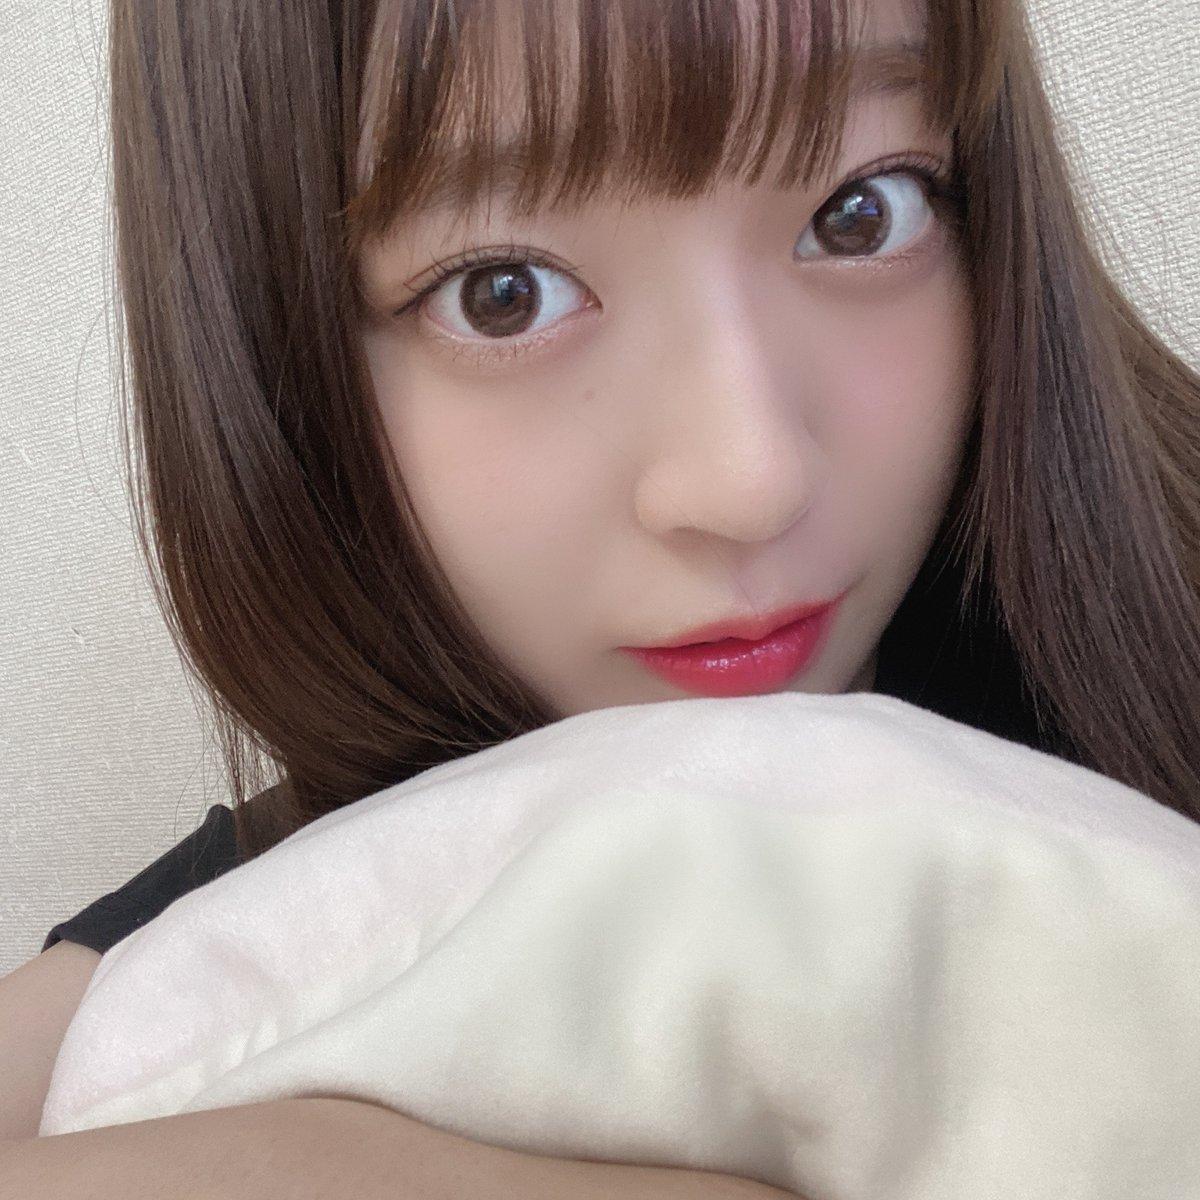 【ブログ更新 阪口珠美】 のぎおび見てる時ニヤニヤしますよね!